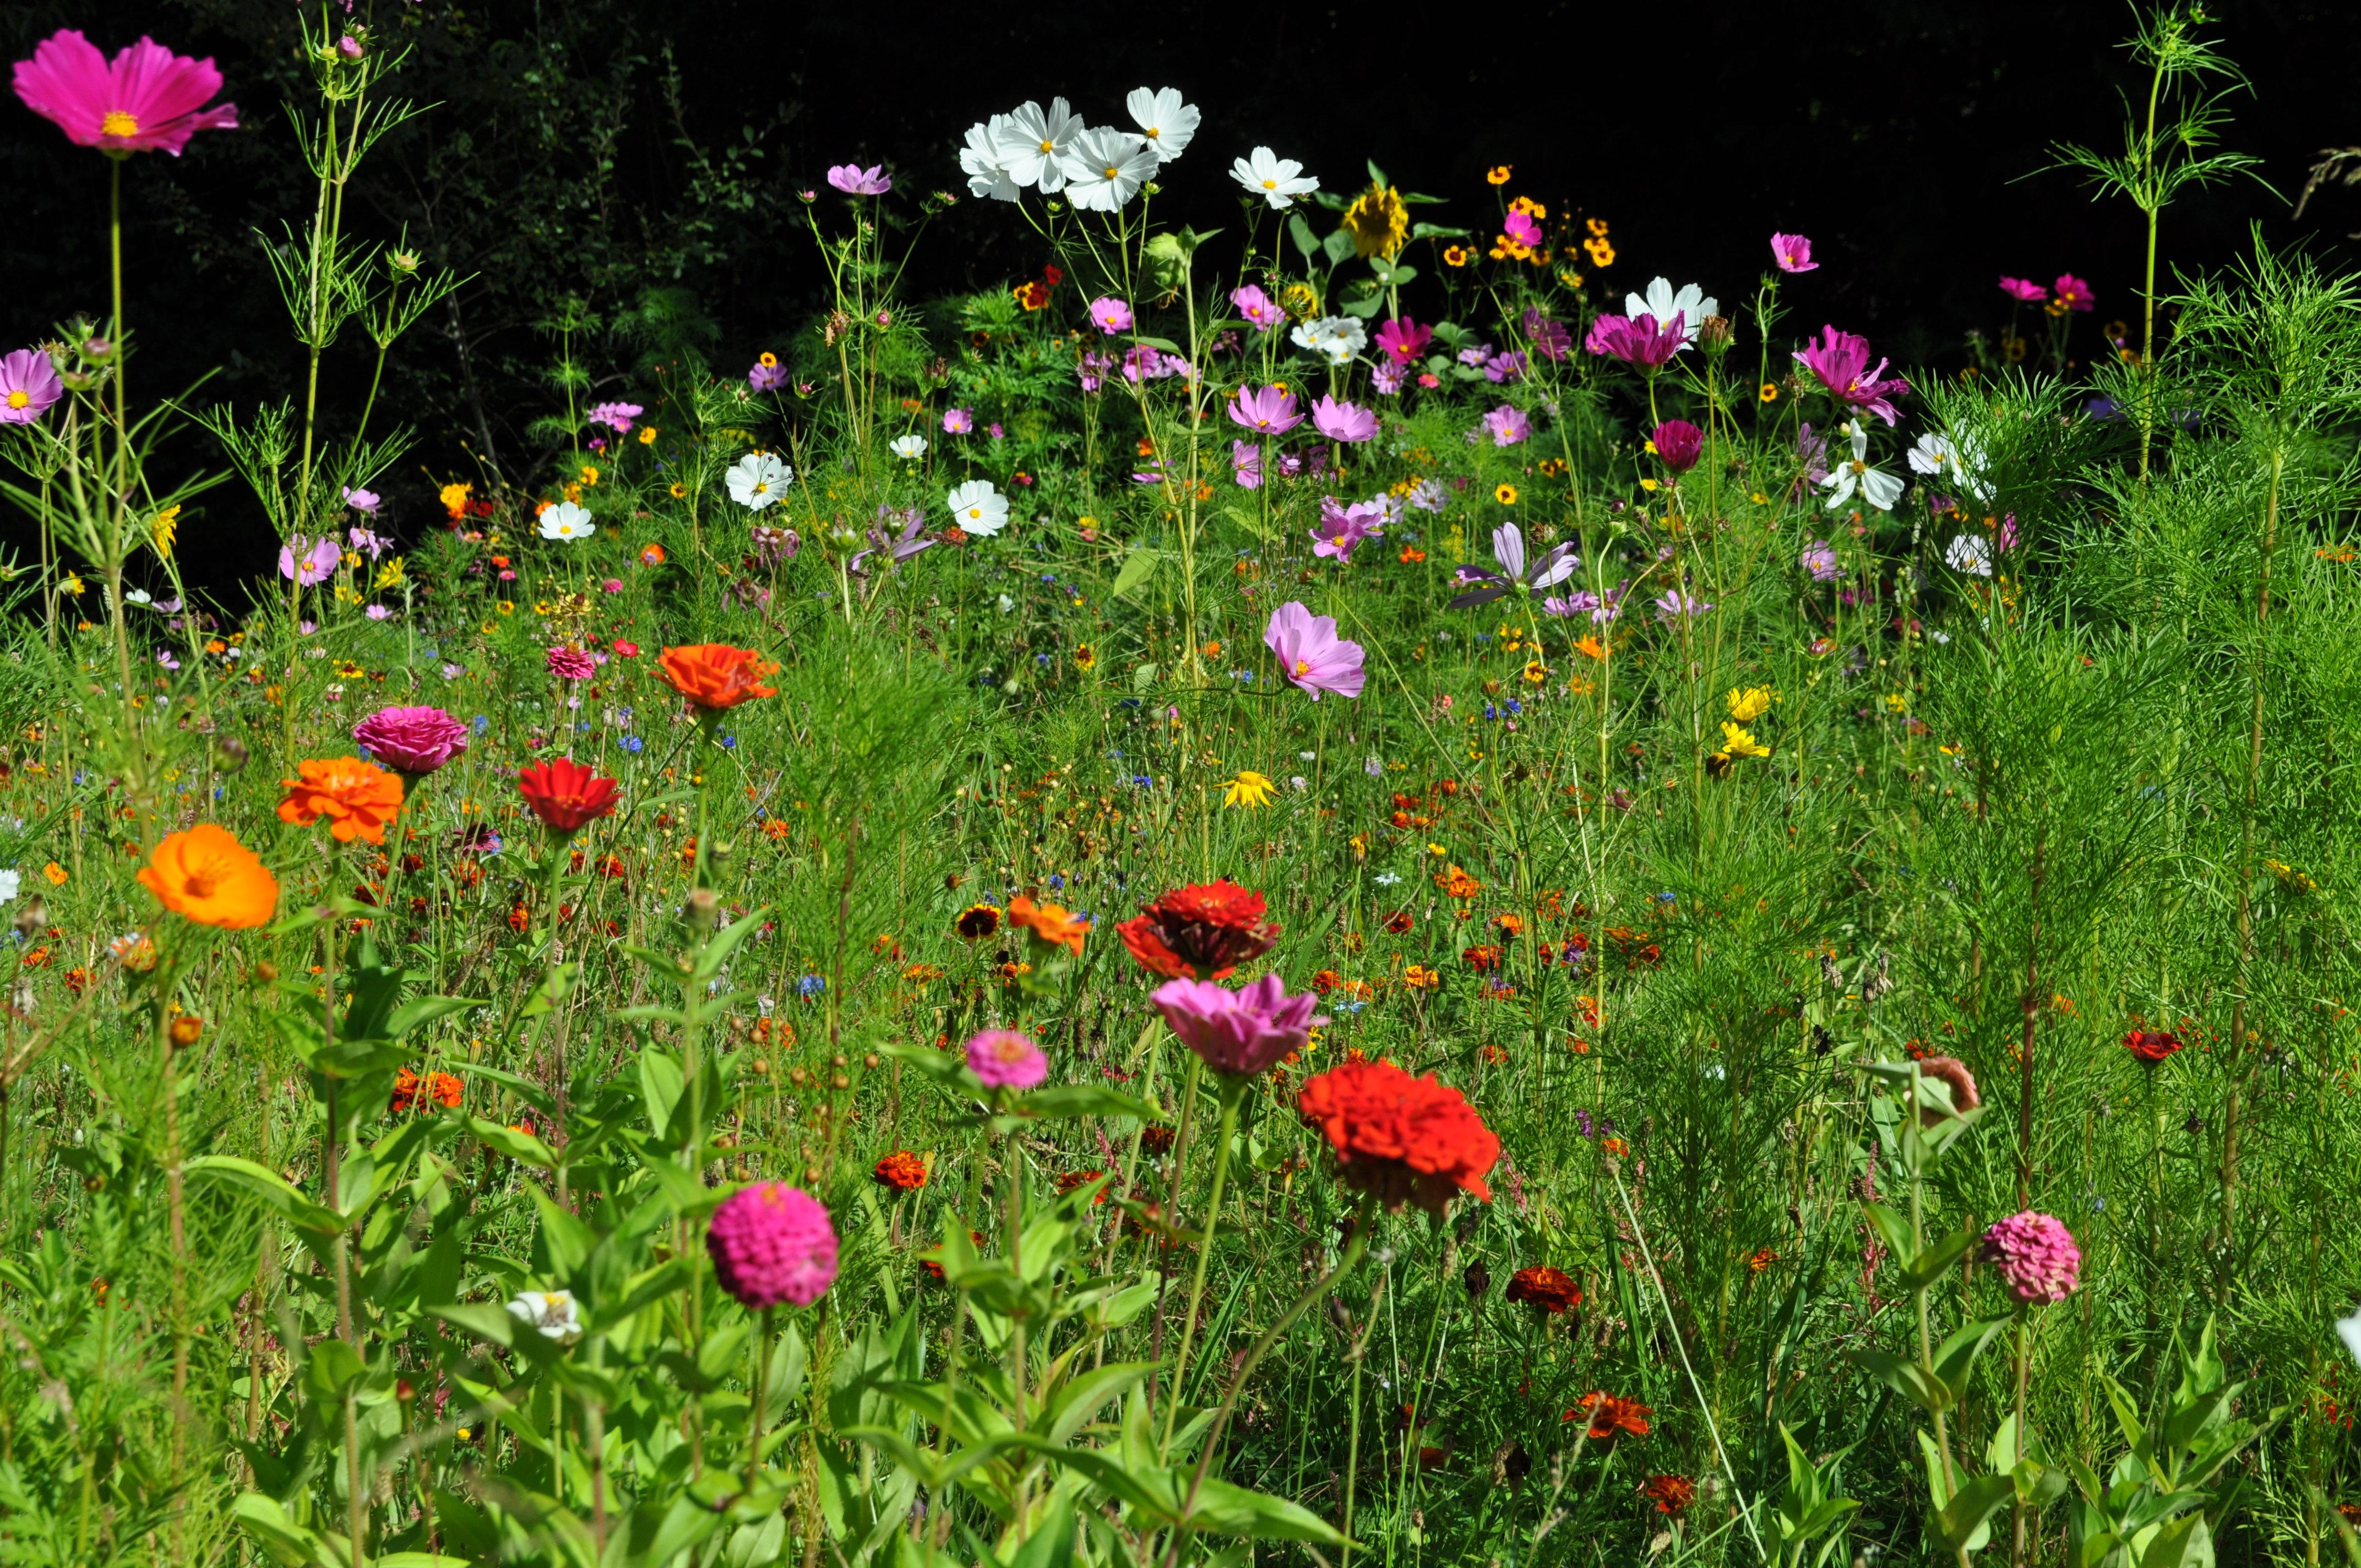 Le jardin le jardin de joeliah le jardin de joeliah for Le jardin vouvrillon